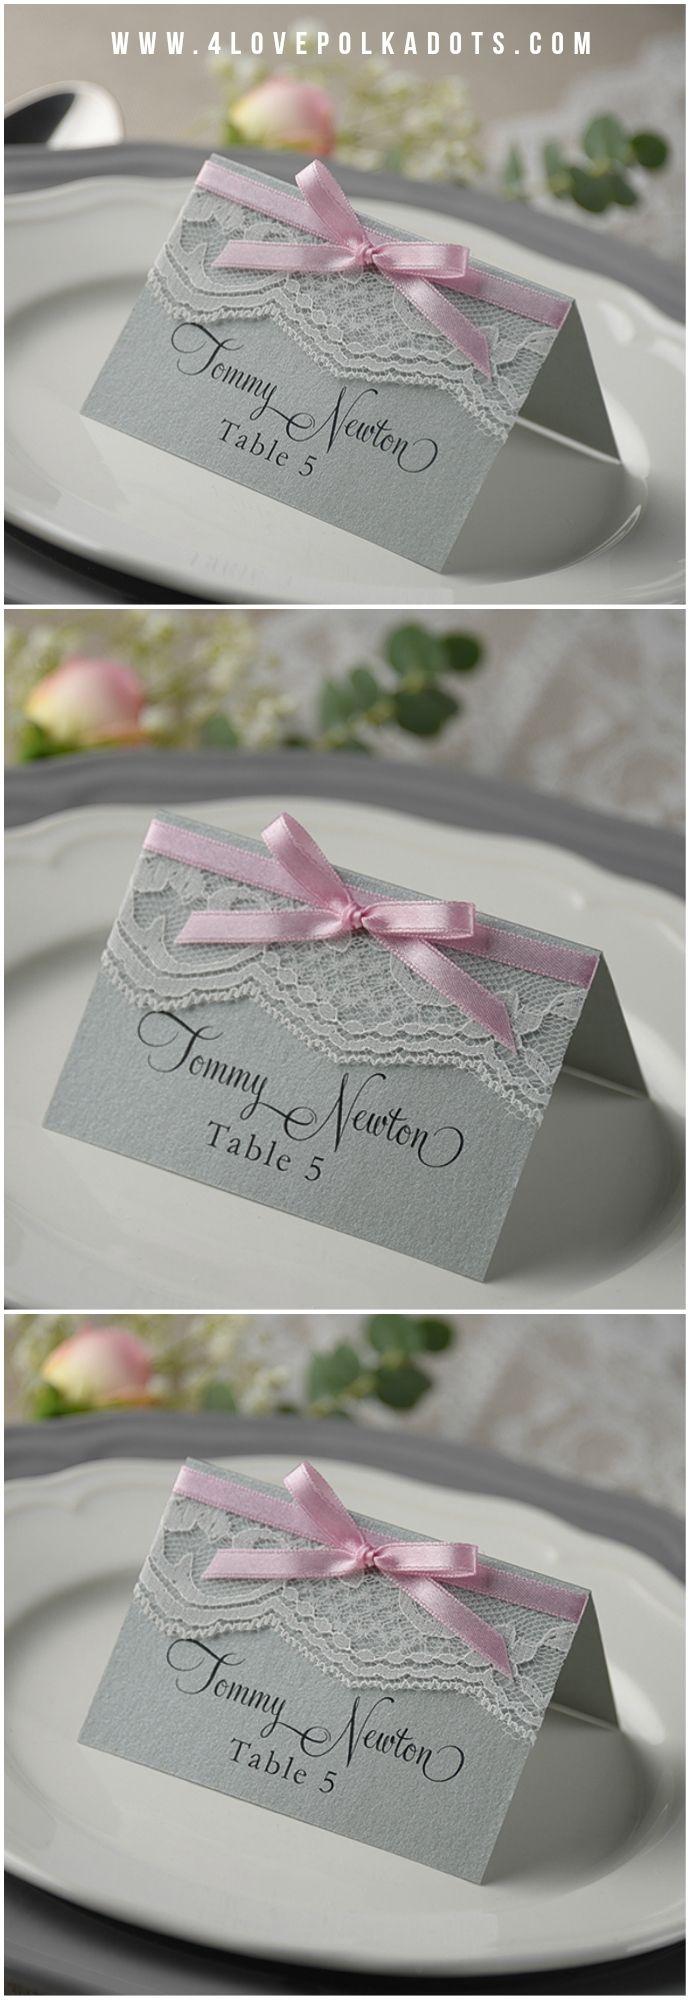 222 best Wedding ideas images on Pinterest | Cake wedding, Petit ...